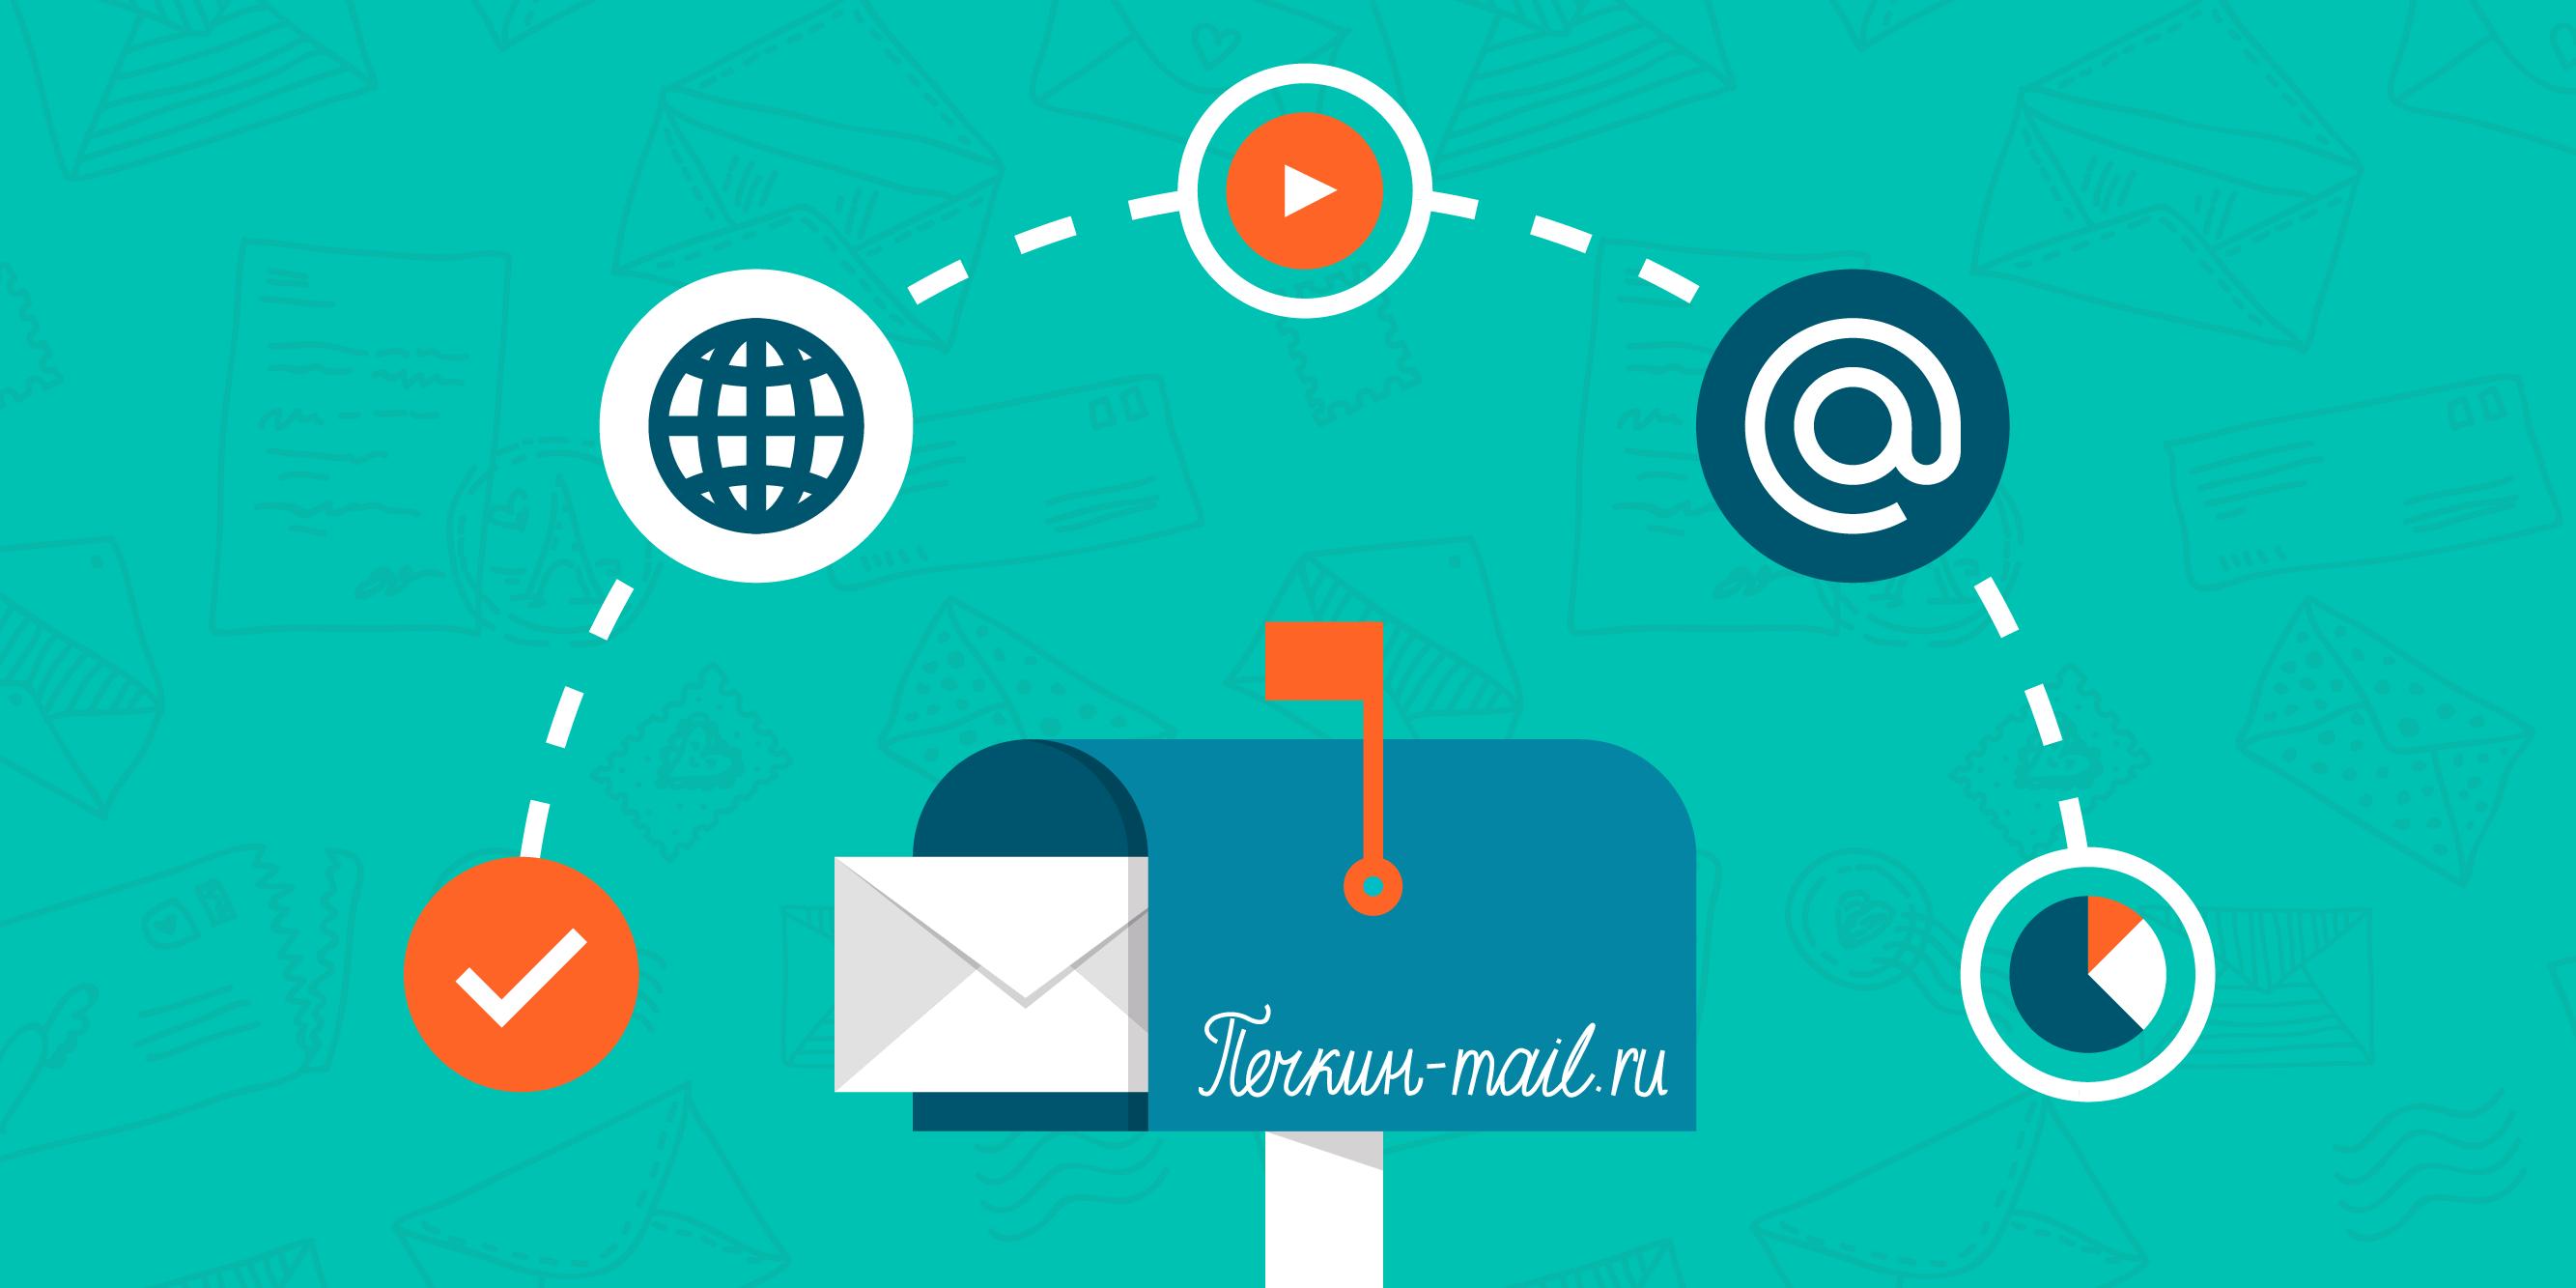 7 крутых инструментов email-маркетинга от Печкин-mail.ru